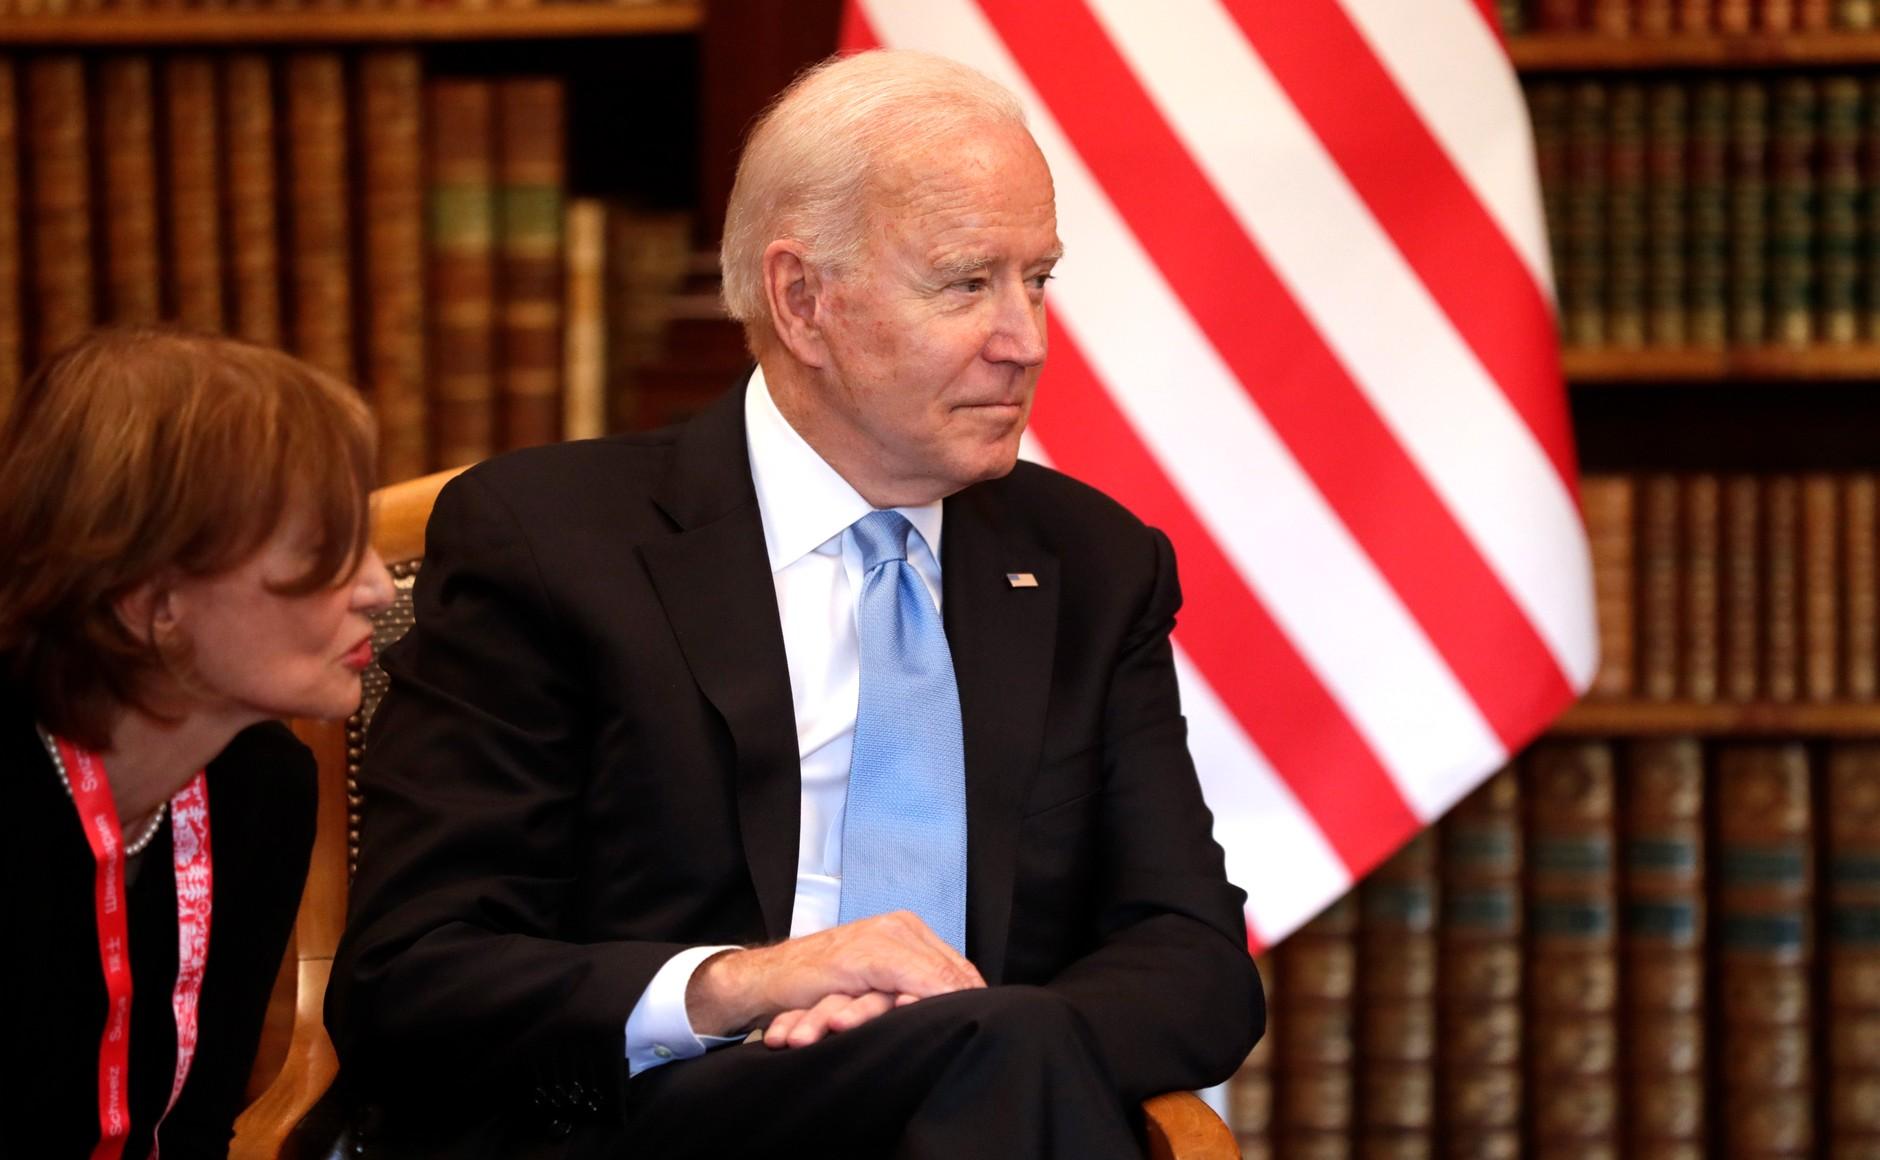 RUSSIE USA 14 X 16 Avec le président des États-Unis d'Amérique Joseph Biden avant les pourparlers russo-américains. Photo TASS